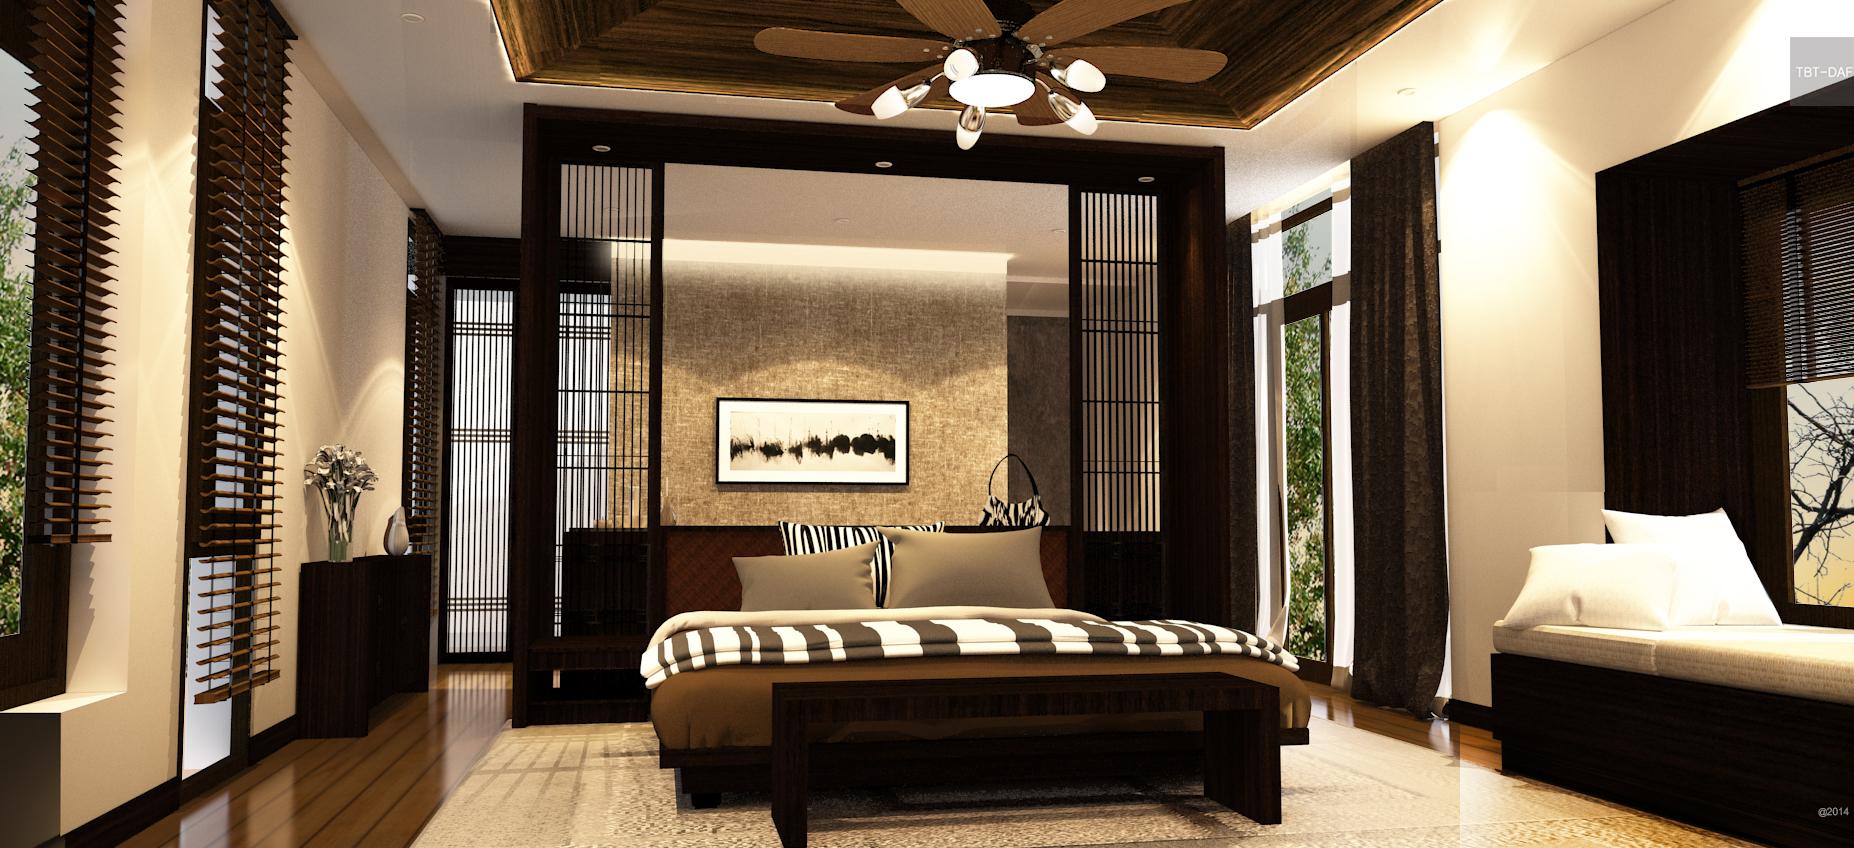 TBT-DAF interior 99 residence 05